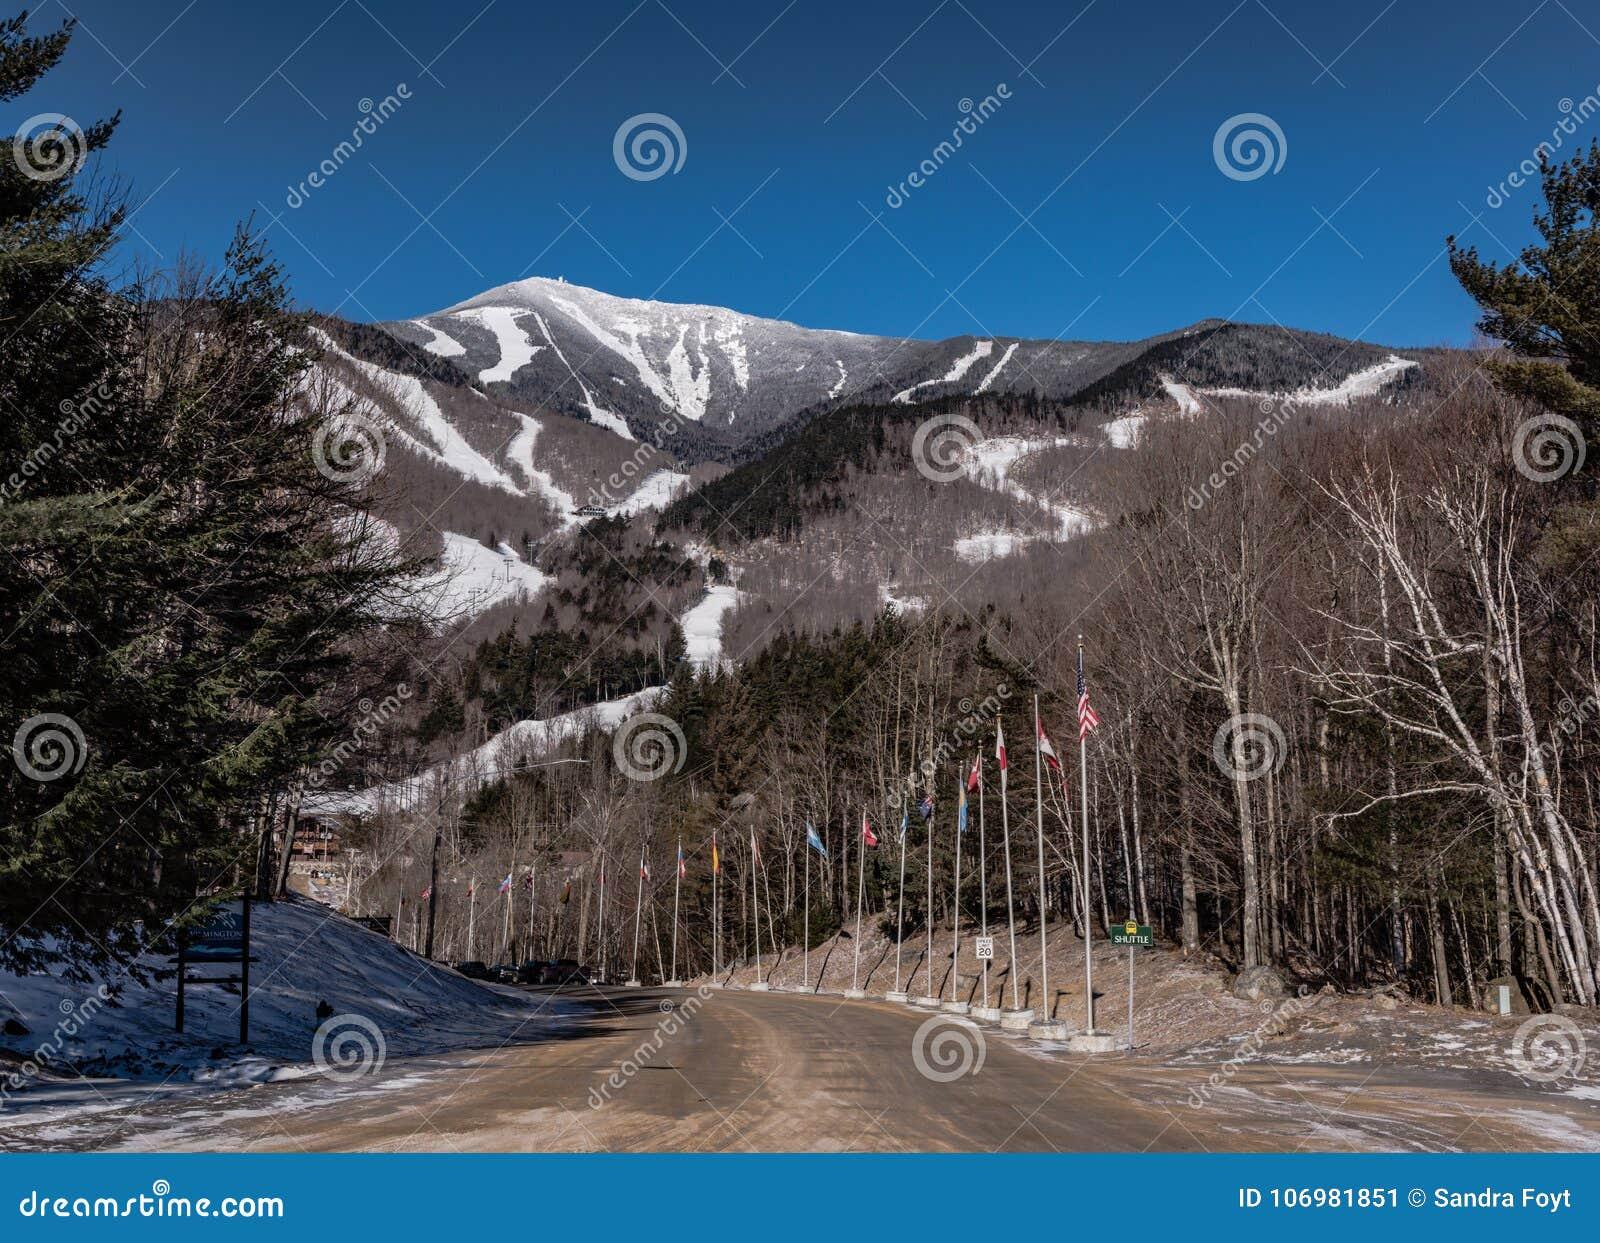 whiteface ski resort - lake placid, ny stock image - image of placid